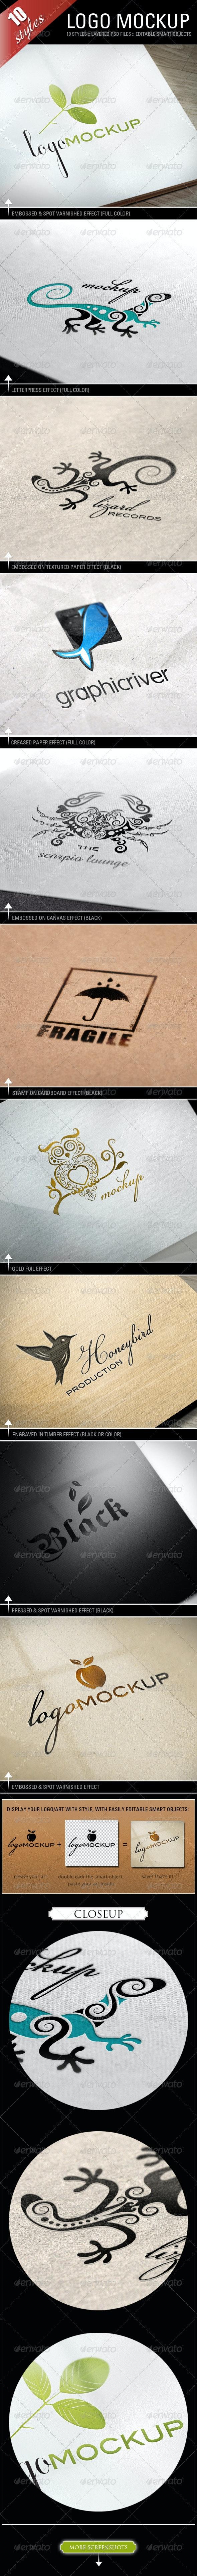 Logo Mockups - 10 Styles - Logo Product Mock-Ups